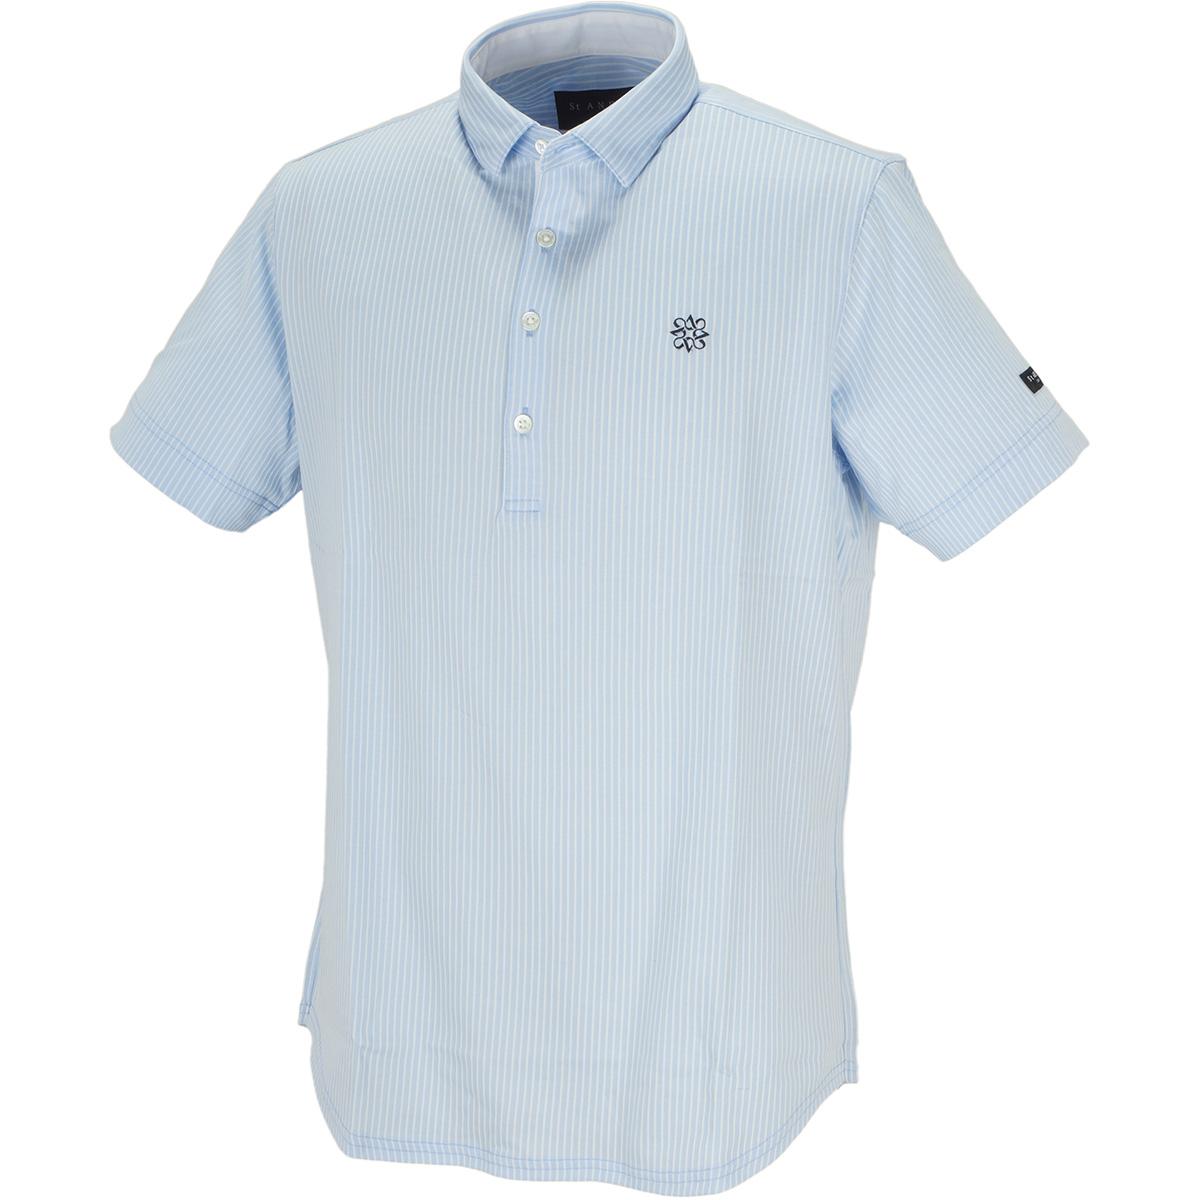 ハイゲージストライプ 半袖ポロシャツ